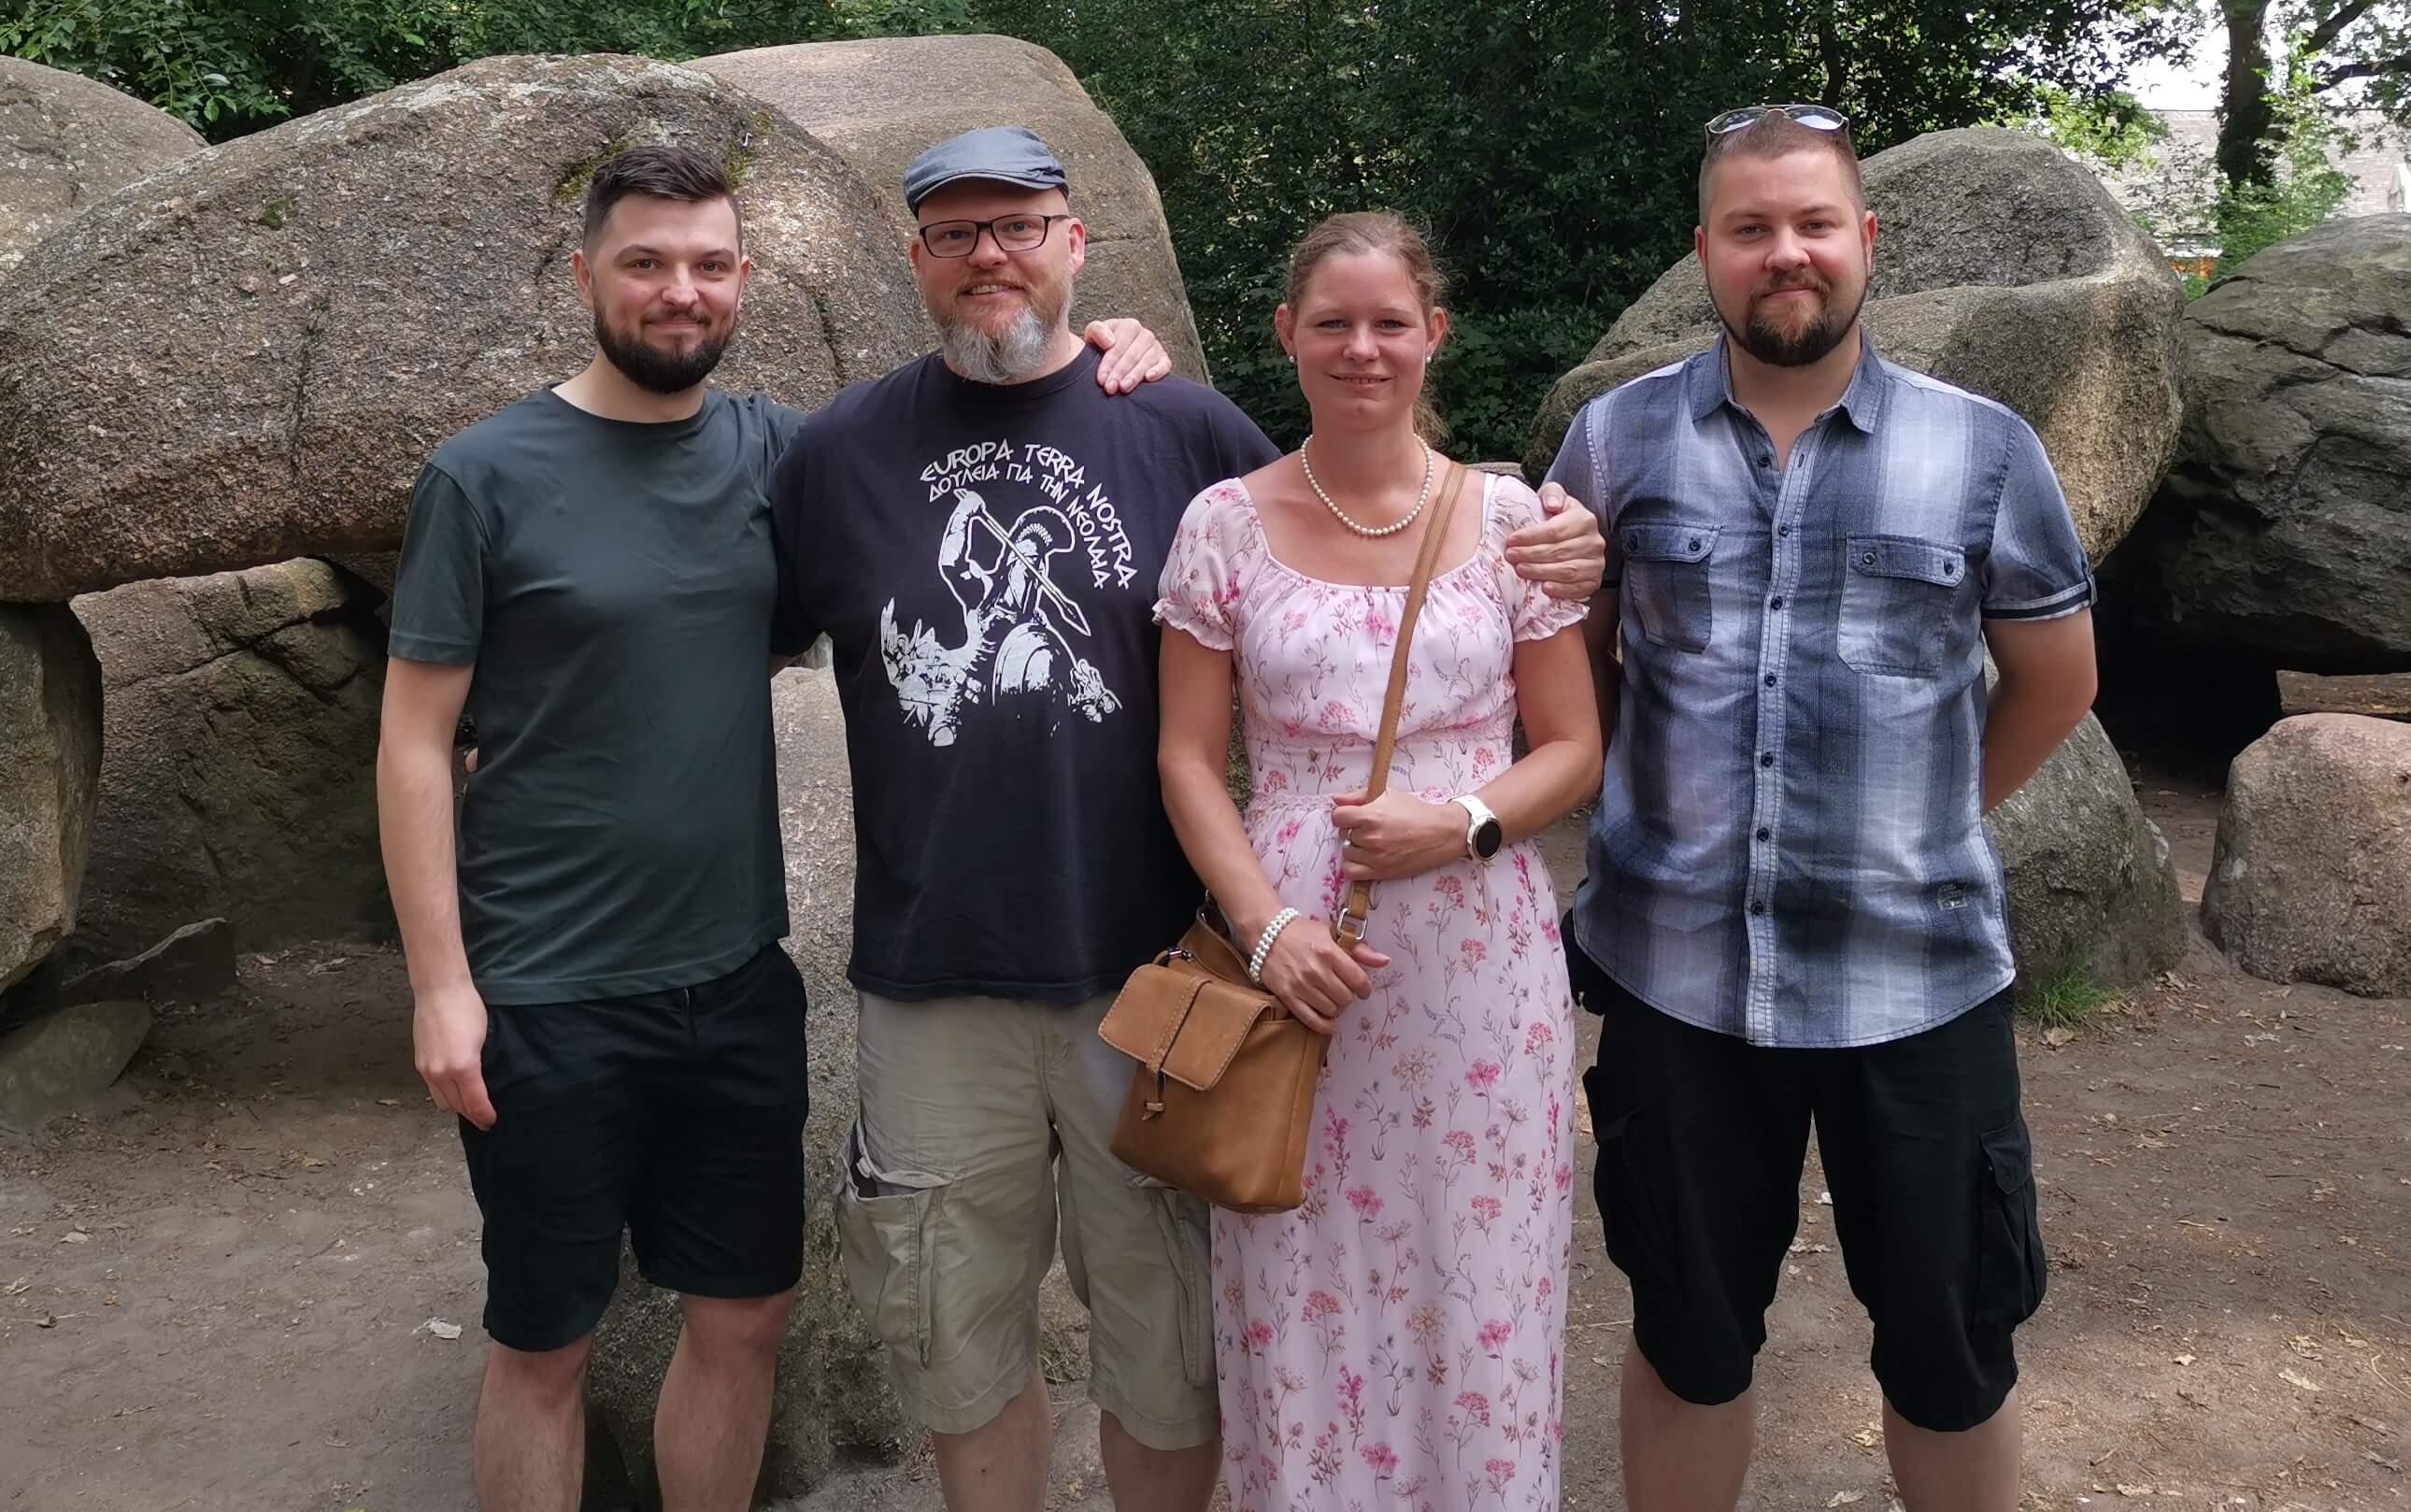 Europa Terra Nostra delegation visits the Netherlands